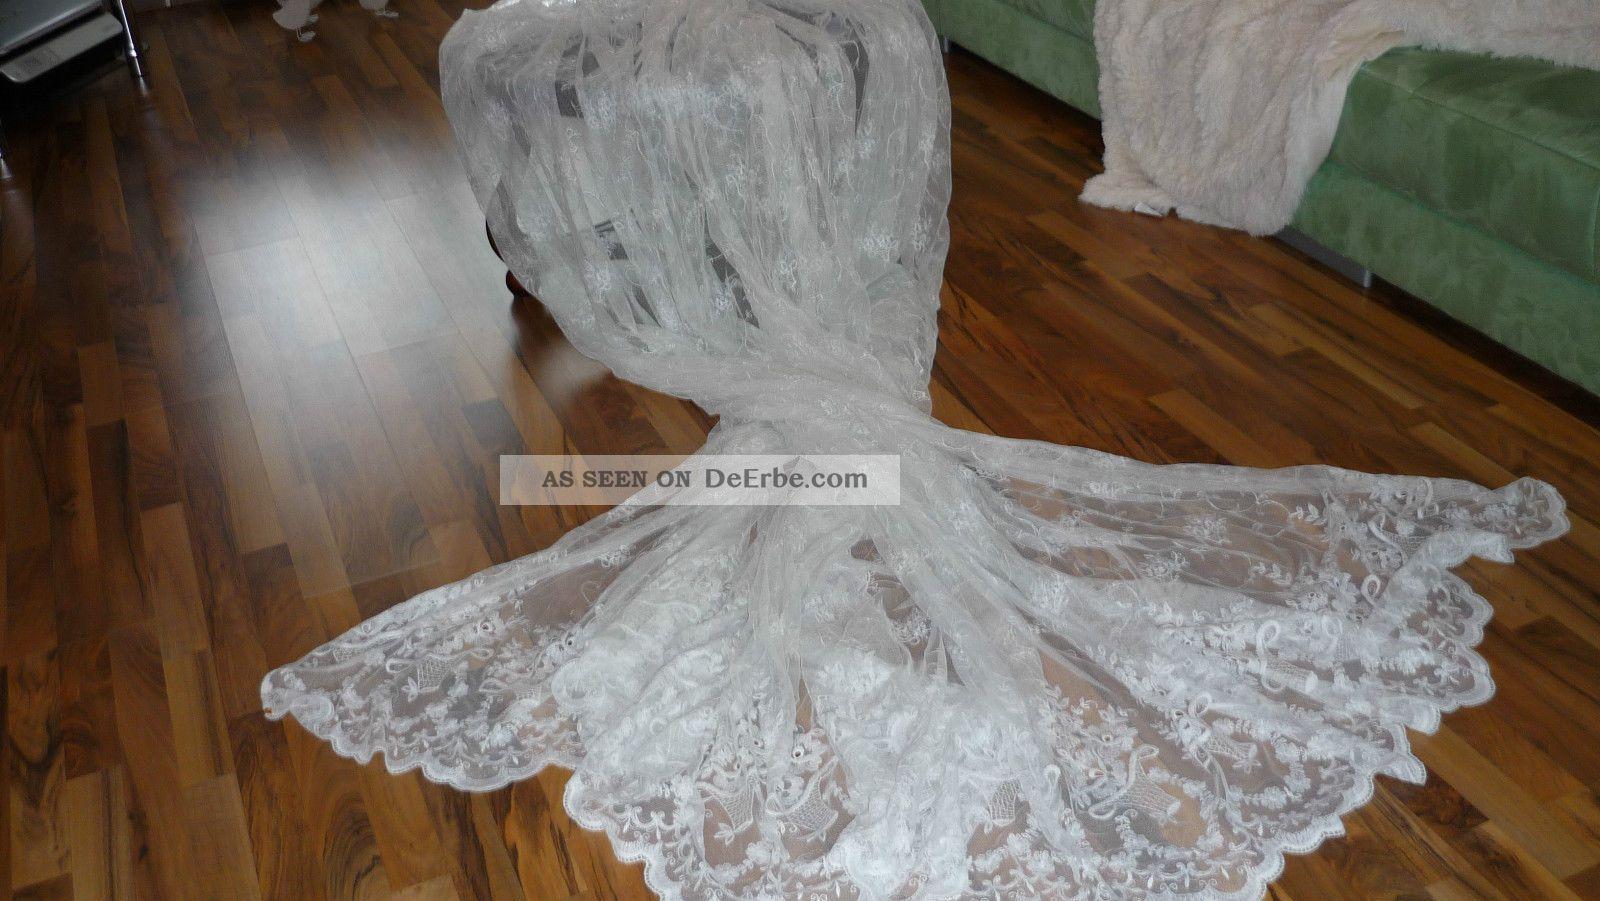 seltene florentiner t ll gardine frankreich antik. Black Bedroom Furniture Sets. Home Design Ideas